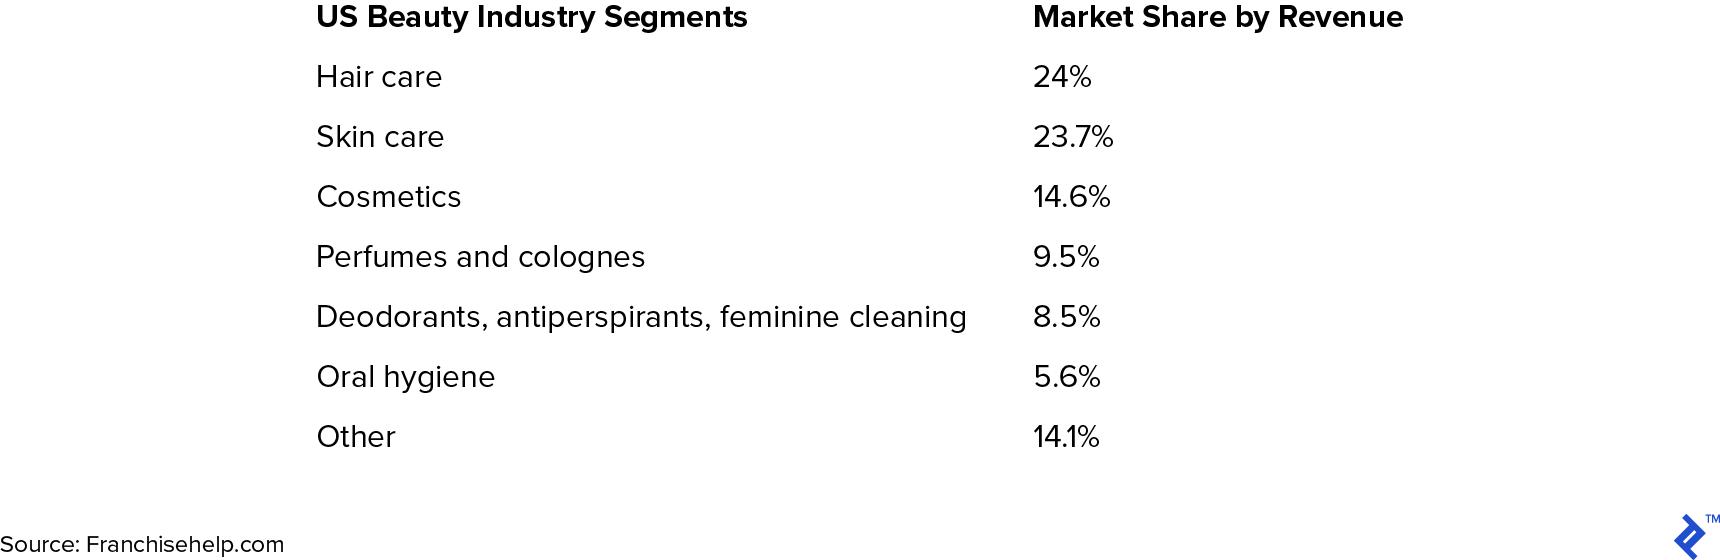 US beauty industry segments by revenue.